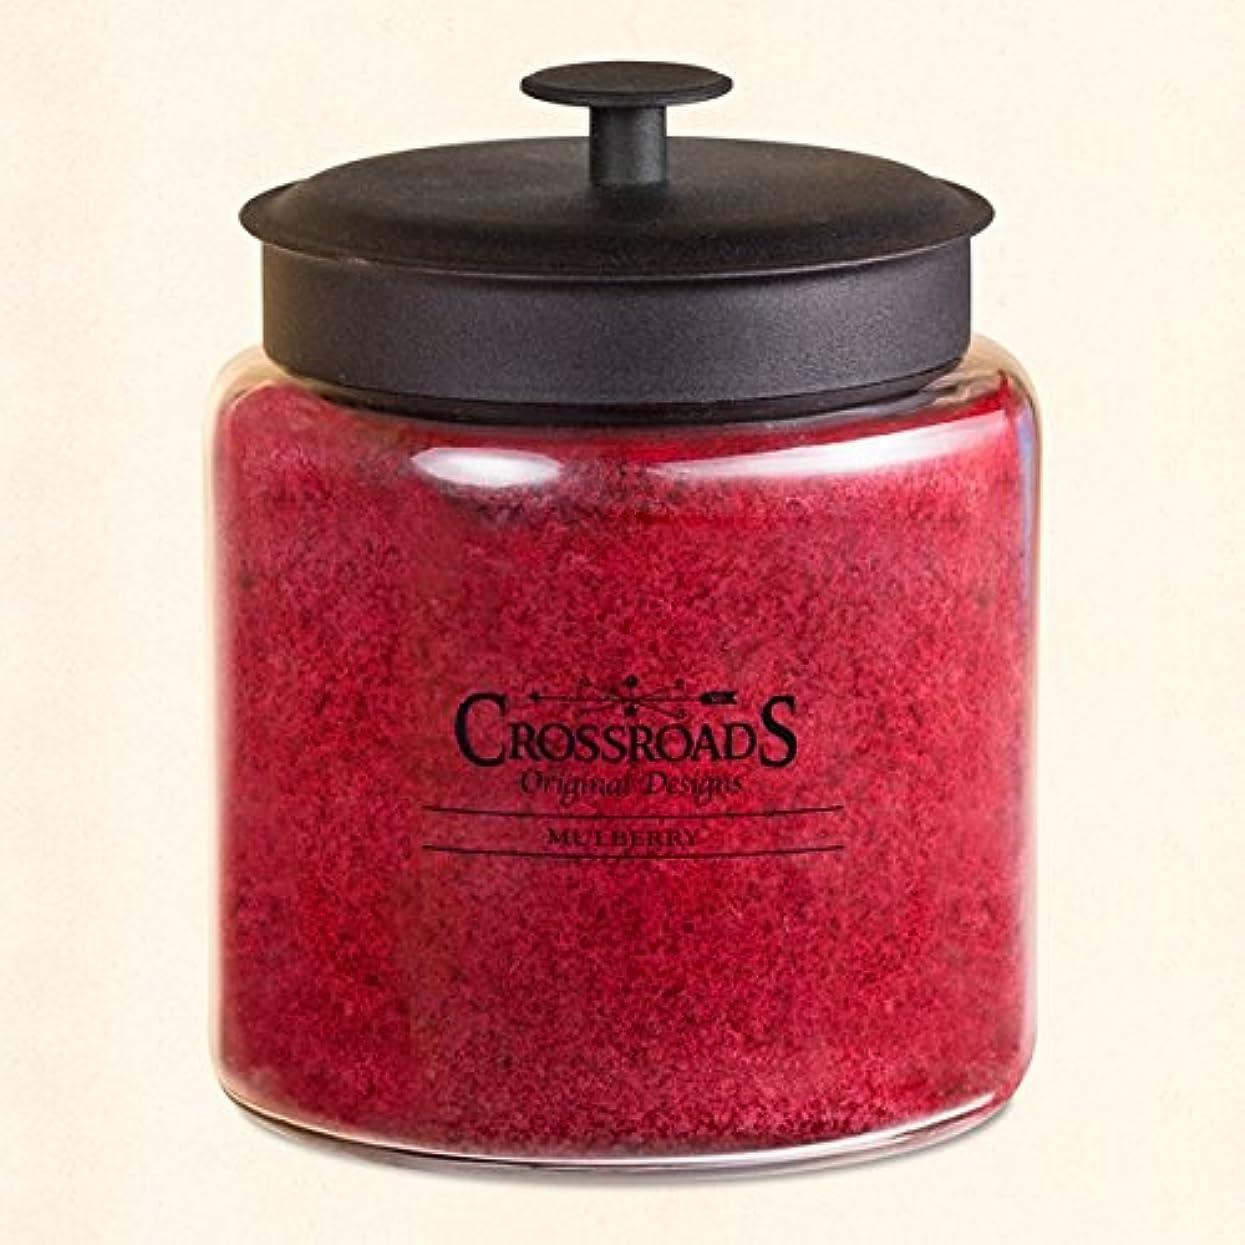 叫び声件名焼くMulberry 96oz Jar Candle